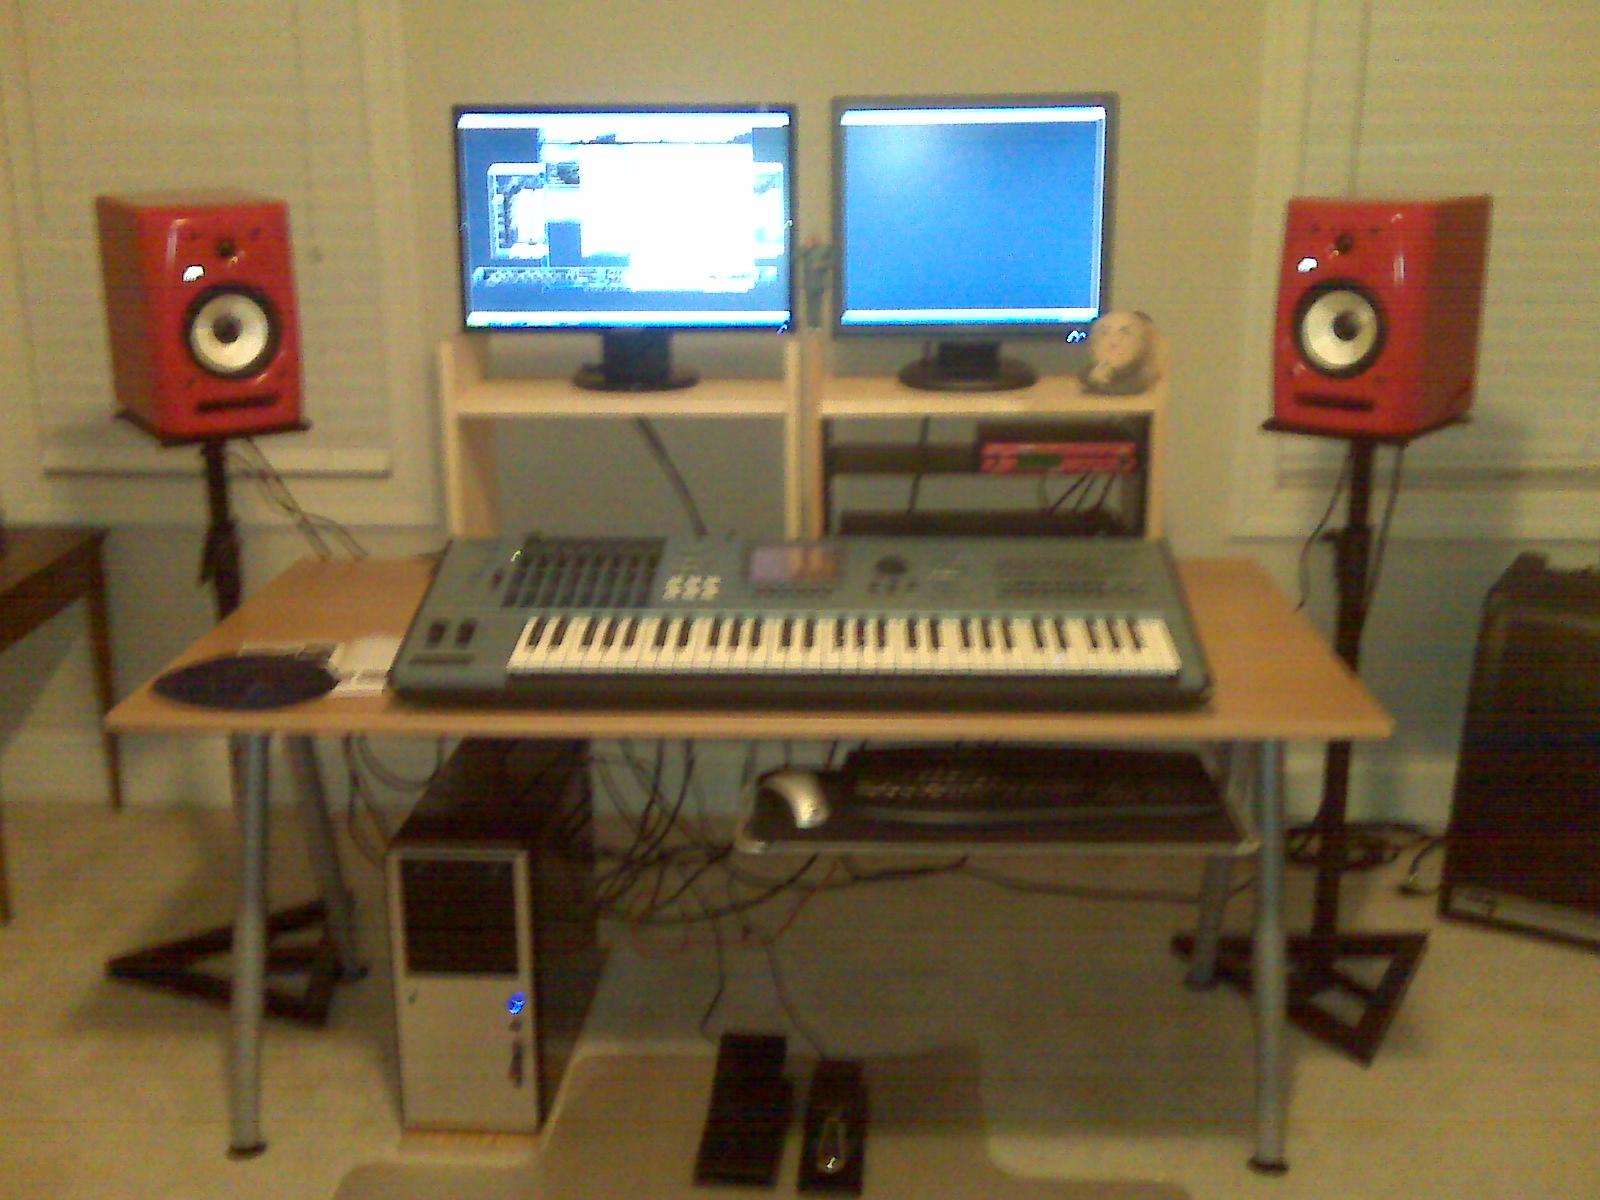 Home Studio Computer Desk? - Gearslutz.com